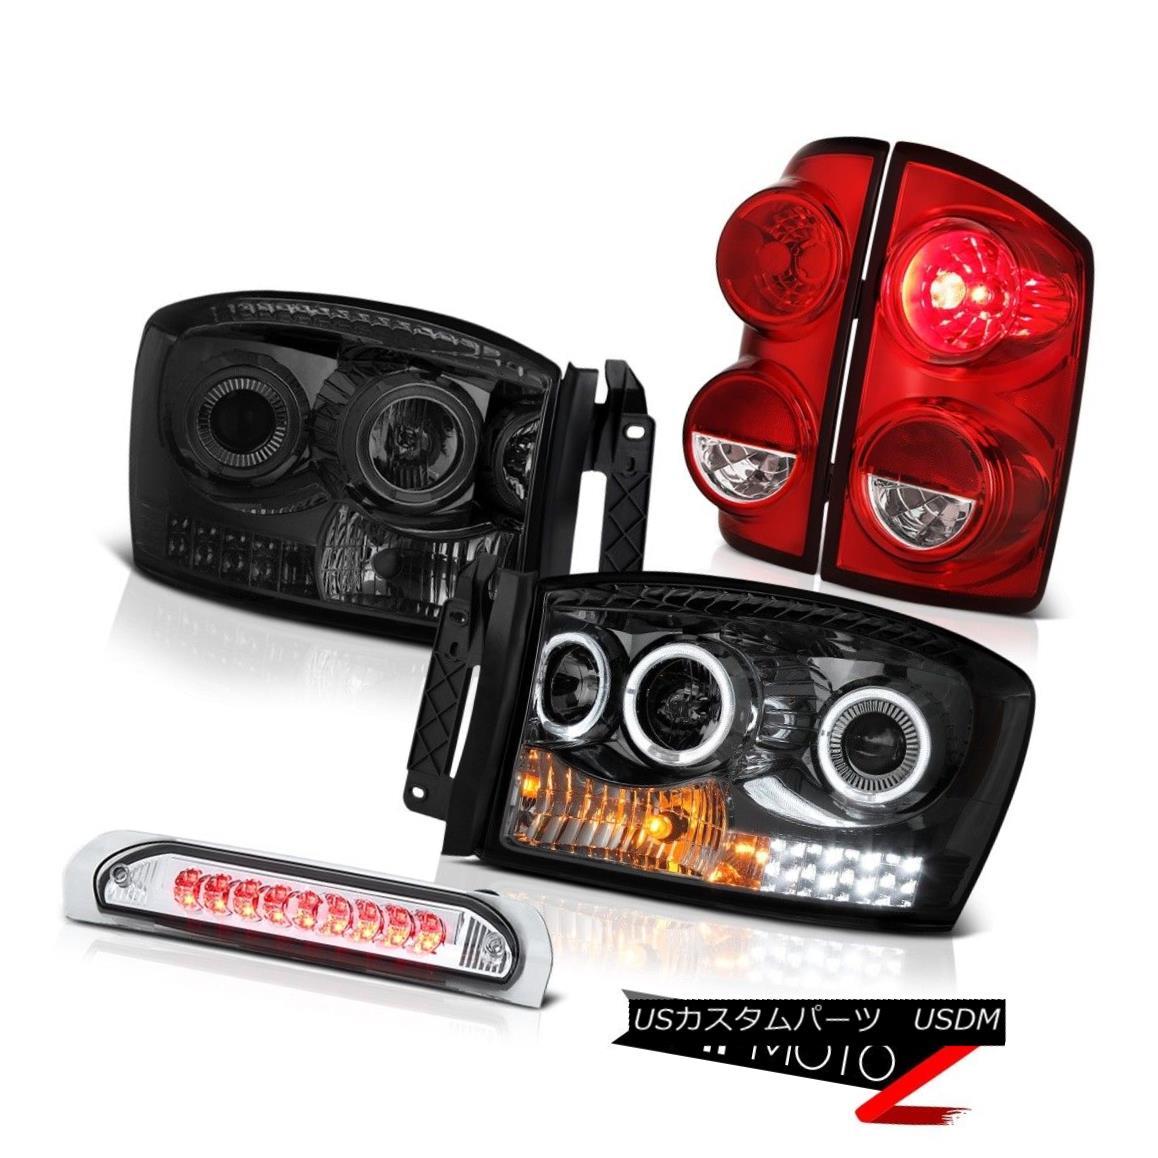 テールライト 07-08 Ram 1500 2500 3500 6.7L Red Clear Tail Brake Lamps Headlamps Roof Cab Lamp 07-08ラム1500 2500 3500 6.7Lレッドクリアテールブレーキランプヘッドランプルーフキャブランプ